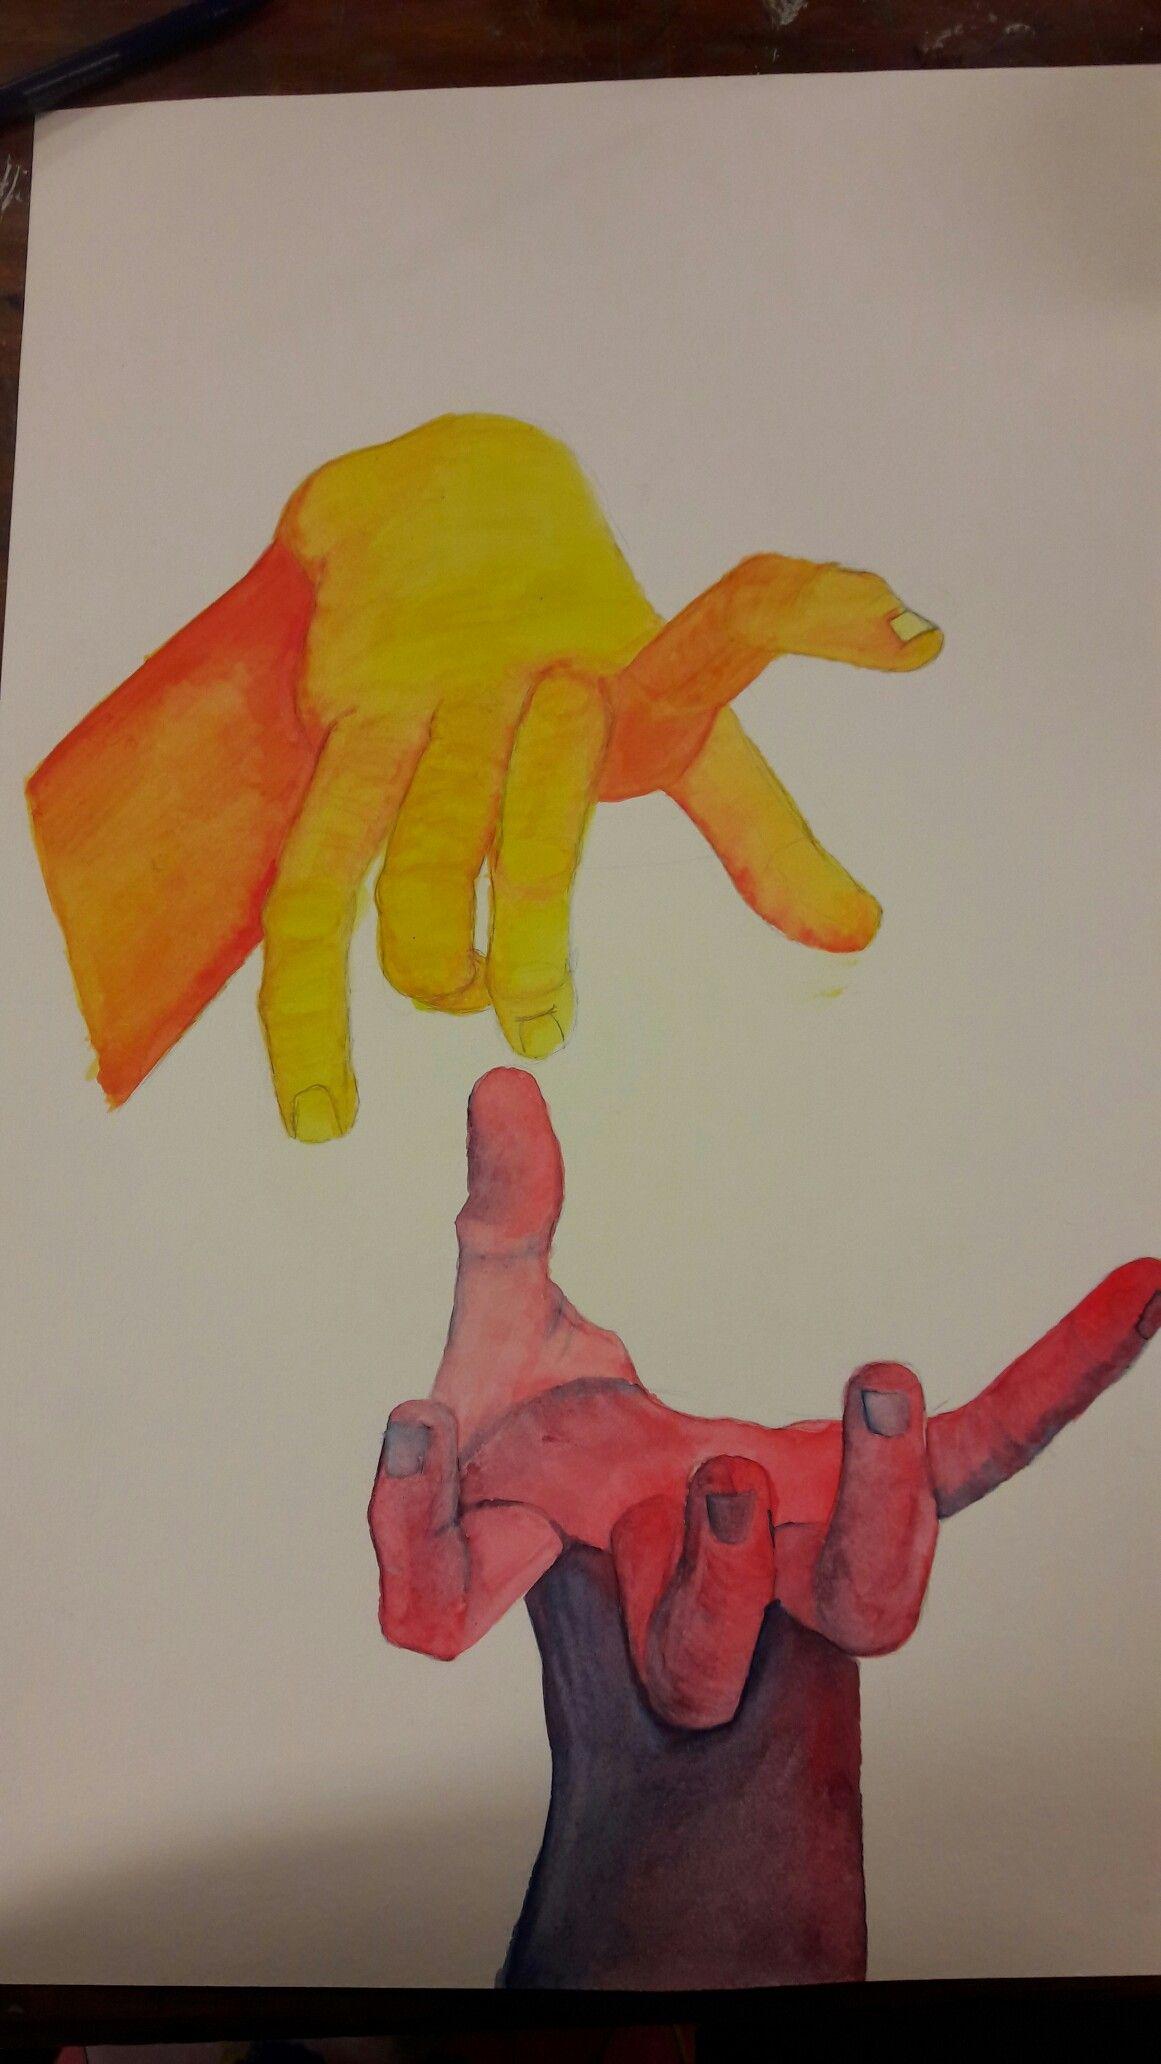 Anatomía manos en acuarela | grabado | Pinterest | Anatomia mano ...